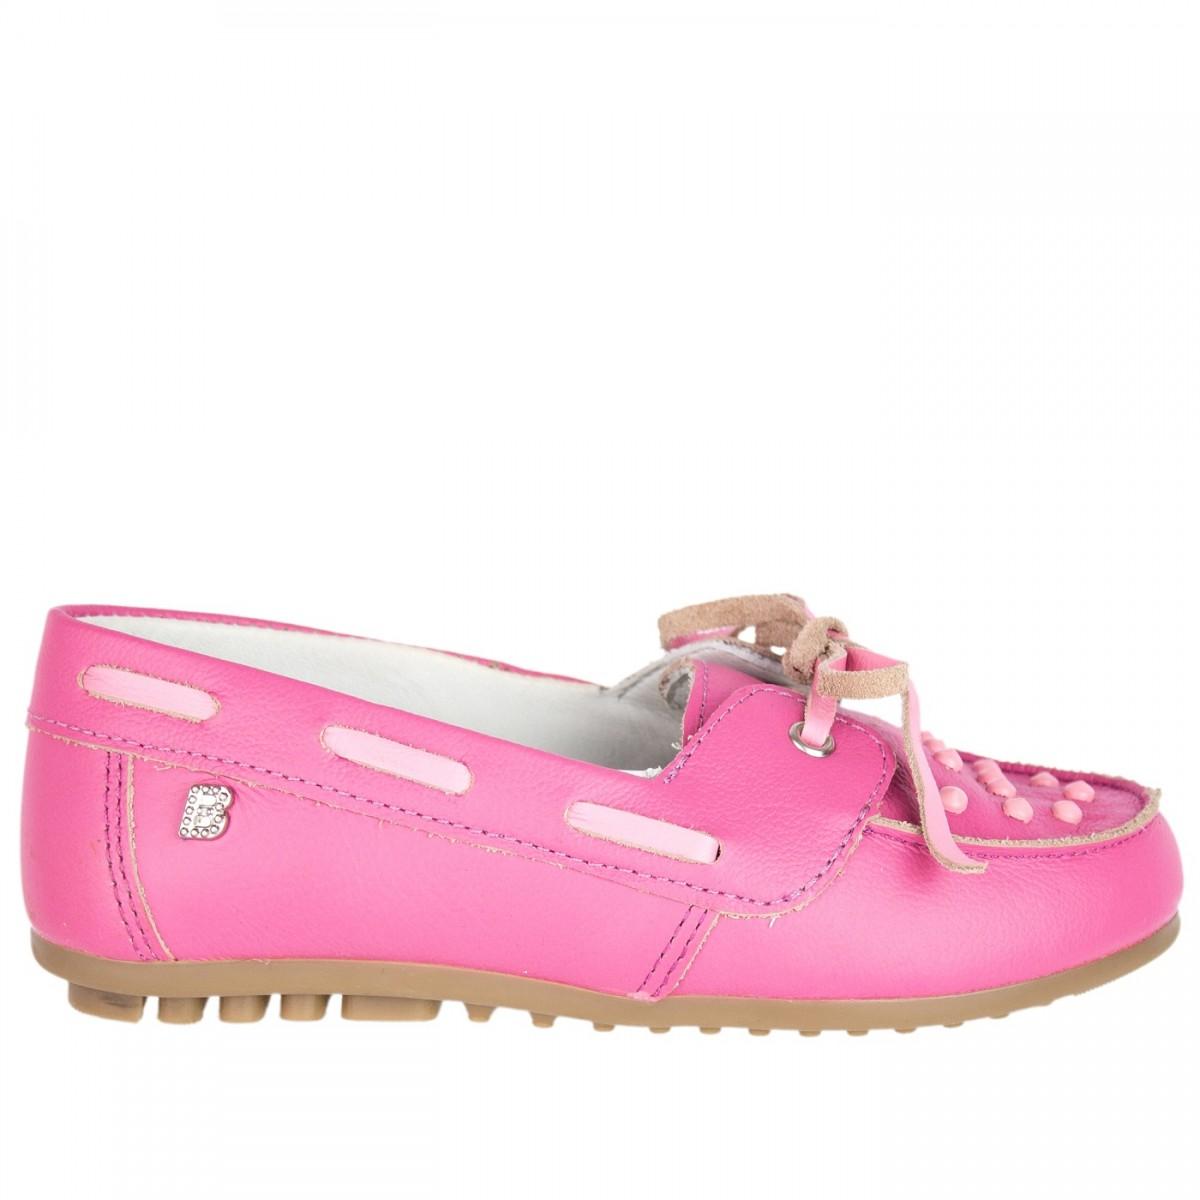 Bizz Store - Mocassim Infantil Feminino Bibi Couro Natural Rosa 9ddc5d077b41d